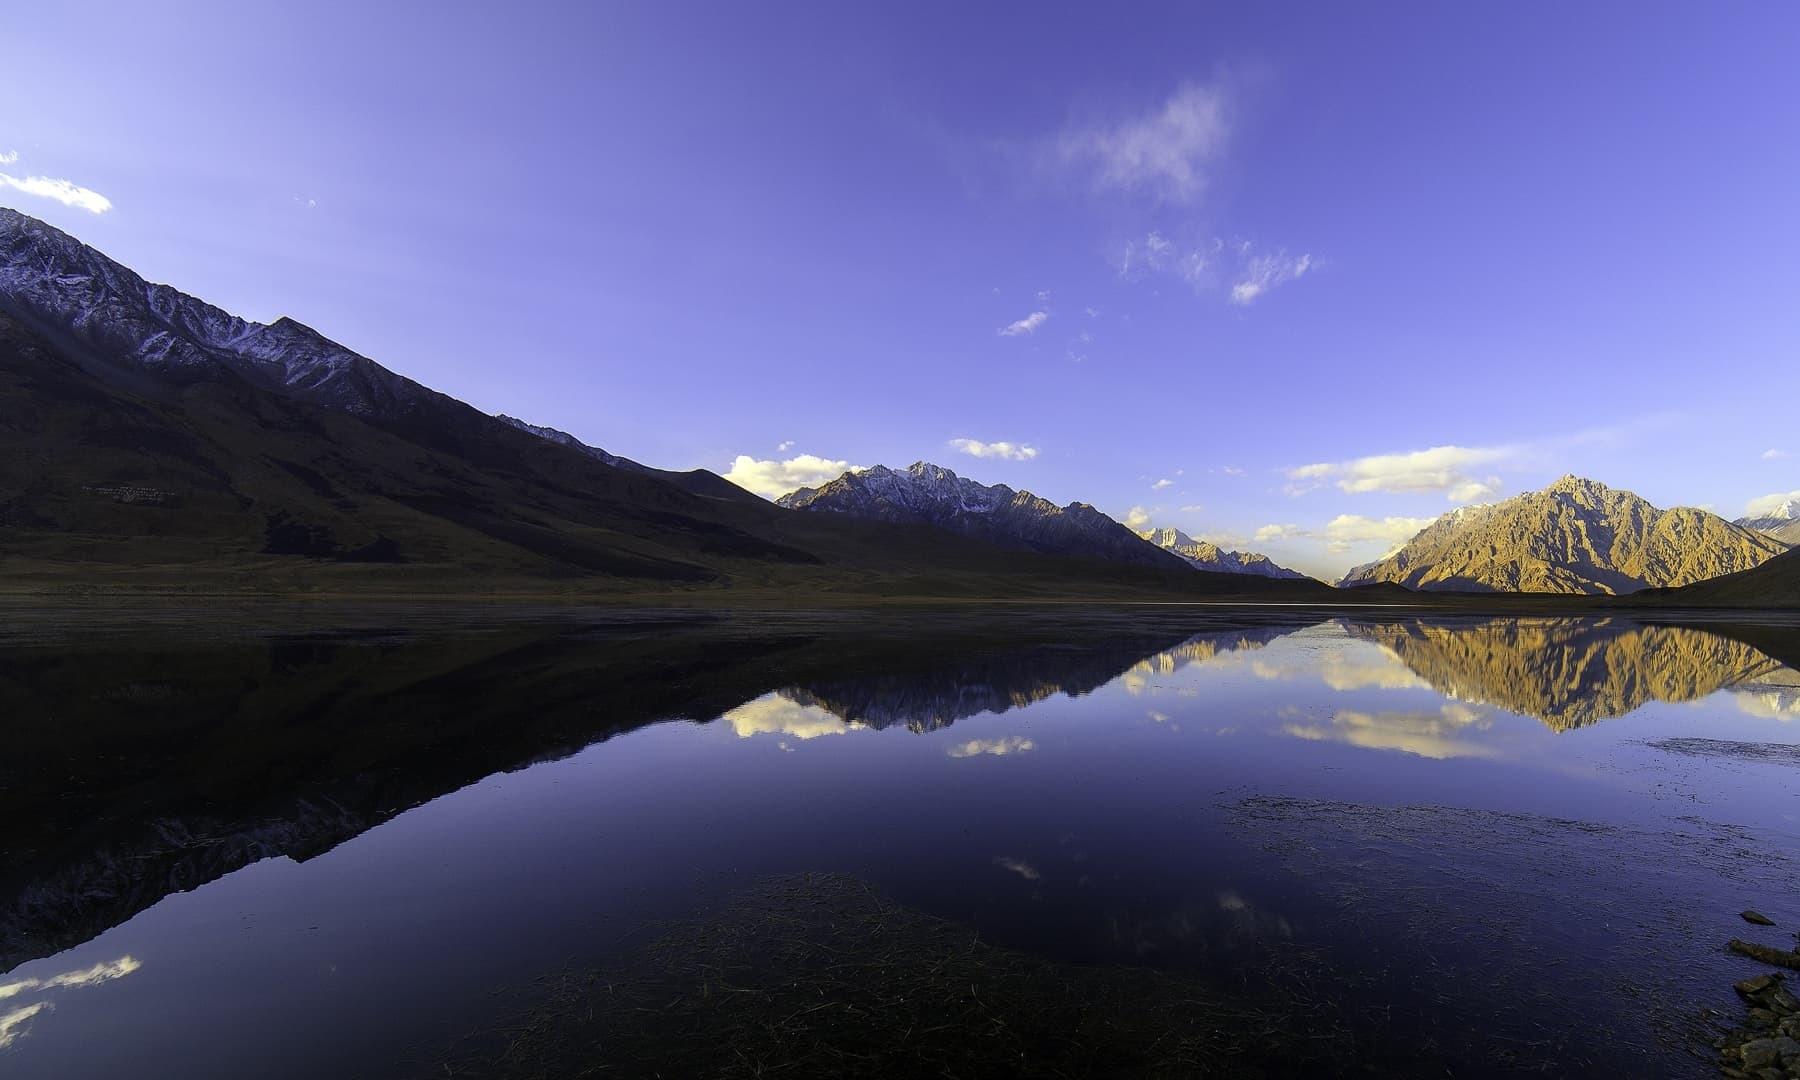 Sunrise at Shandur Lake.